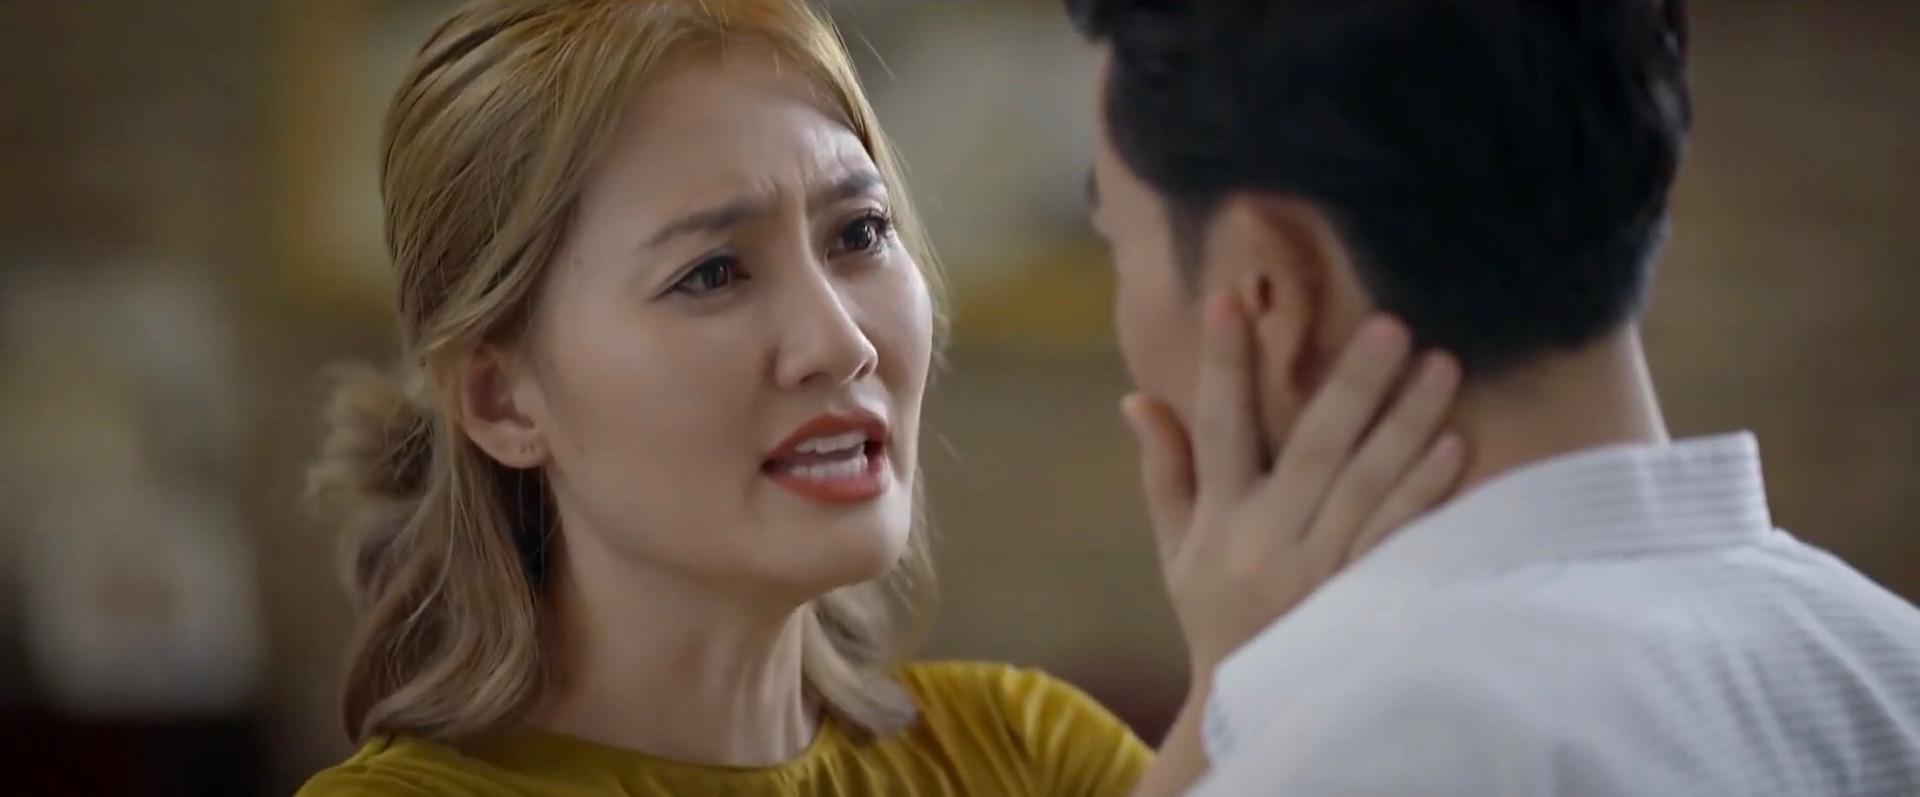 """""""Trói buộc yêu thương"""" tập 15: Hà nói gì khiến Khánh chìm đắm, mù quáng trong tình yêu?"""